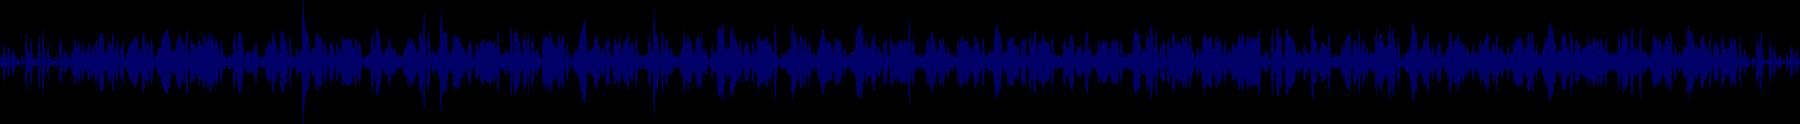 waveform of track #67289